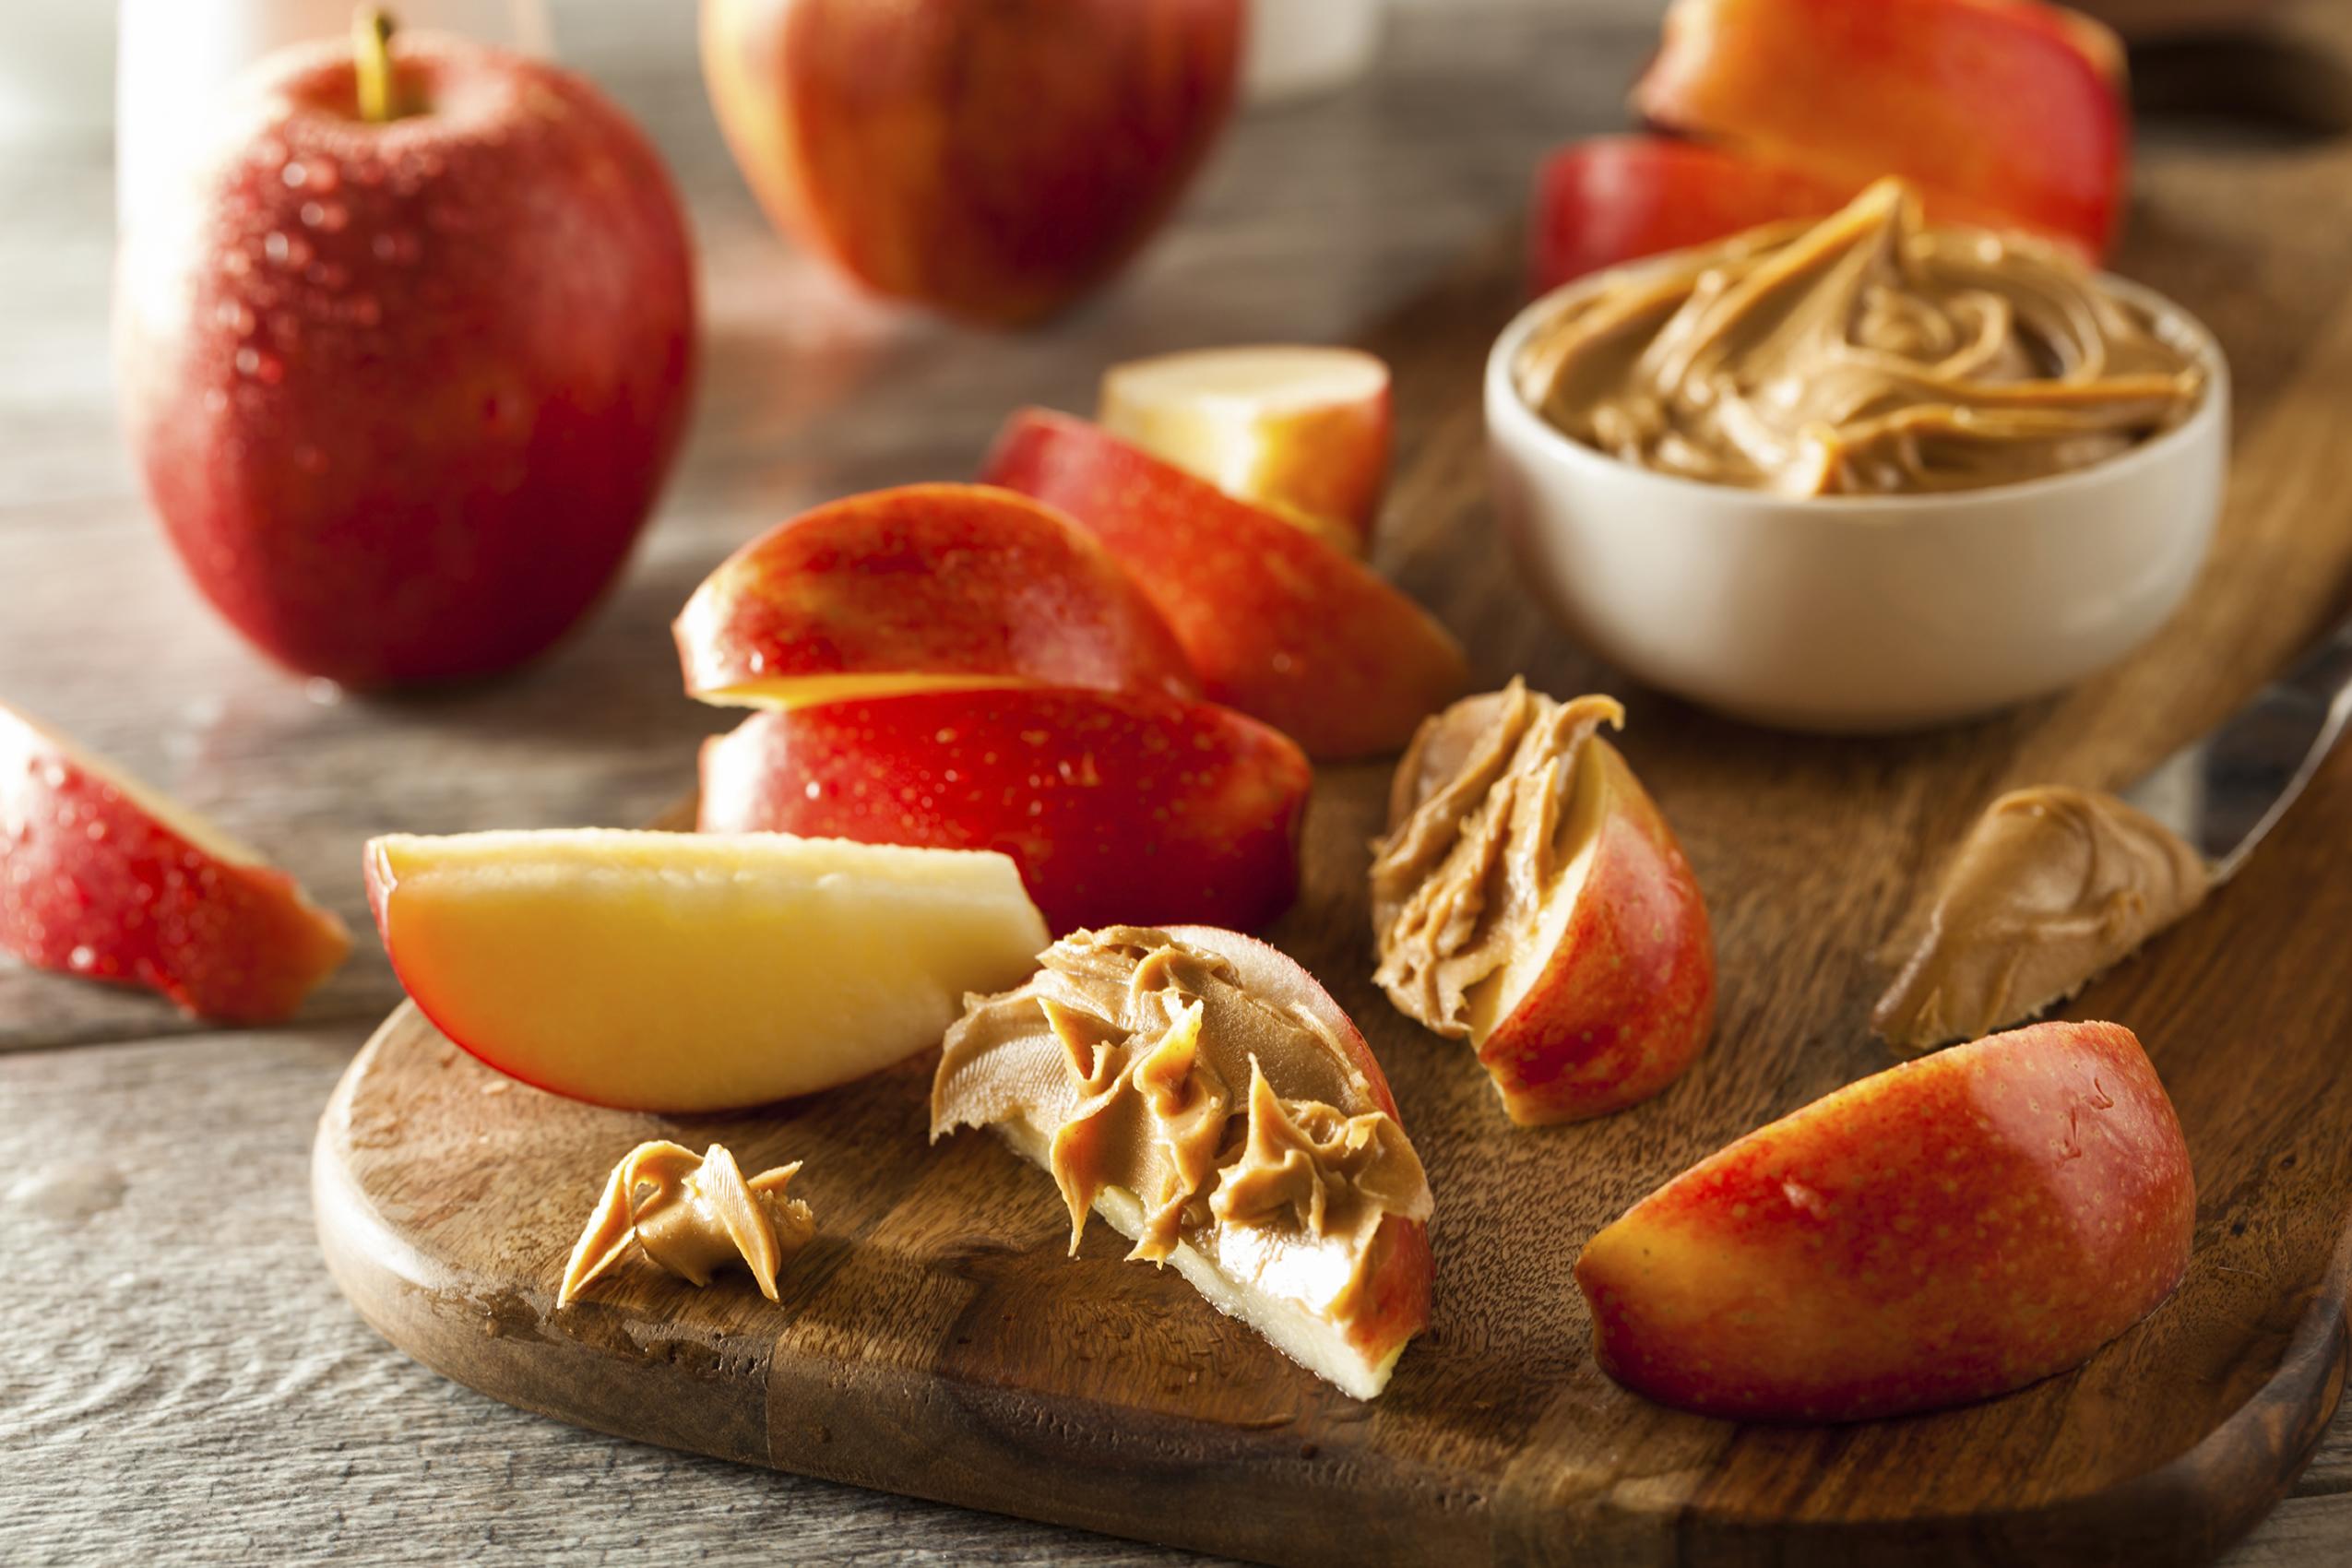 Mantequilla de cacahuete untada en rodajas de manzana